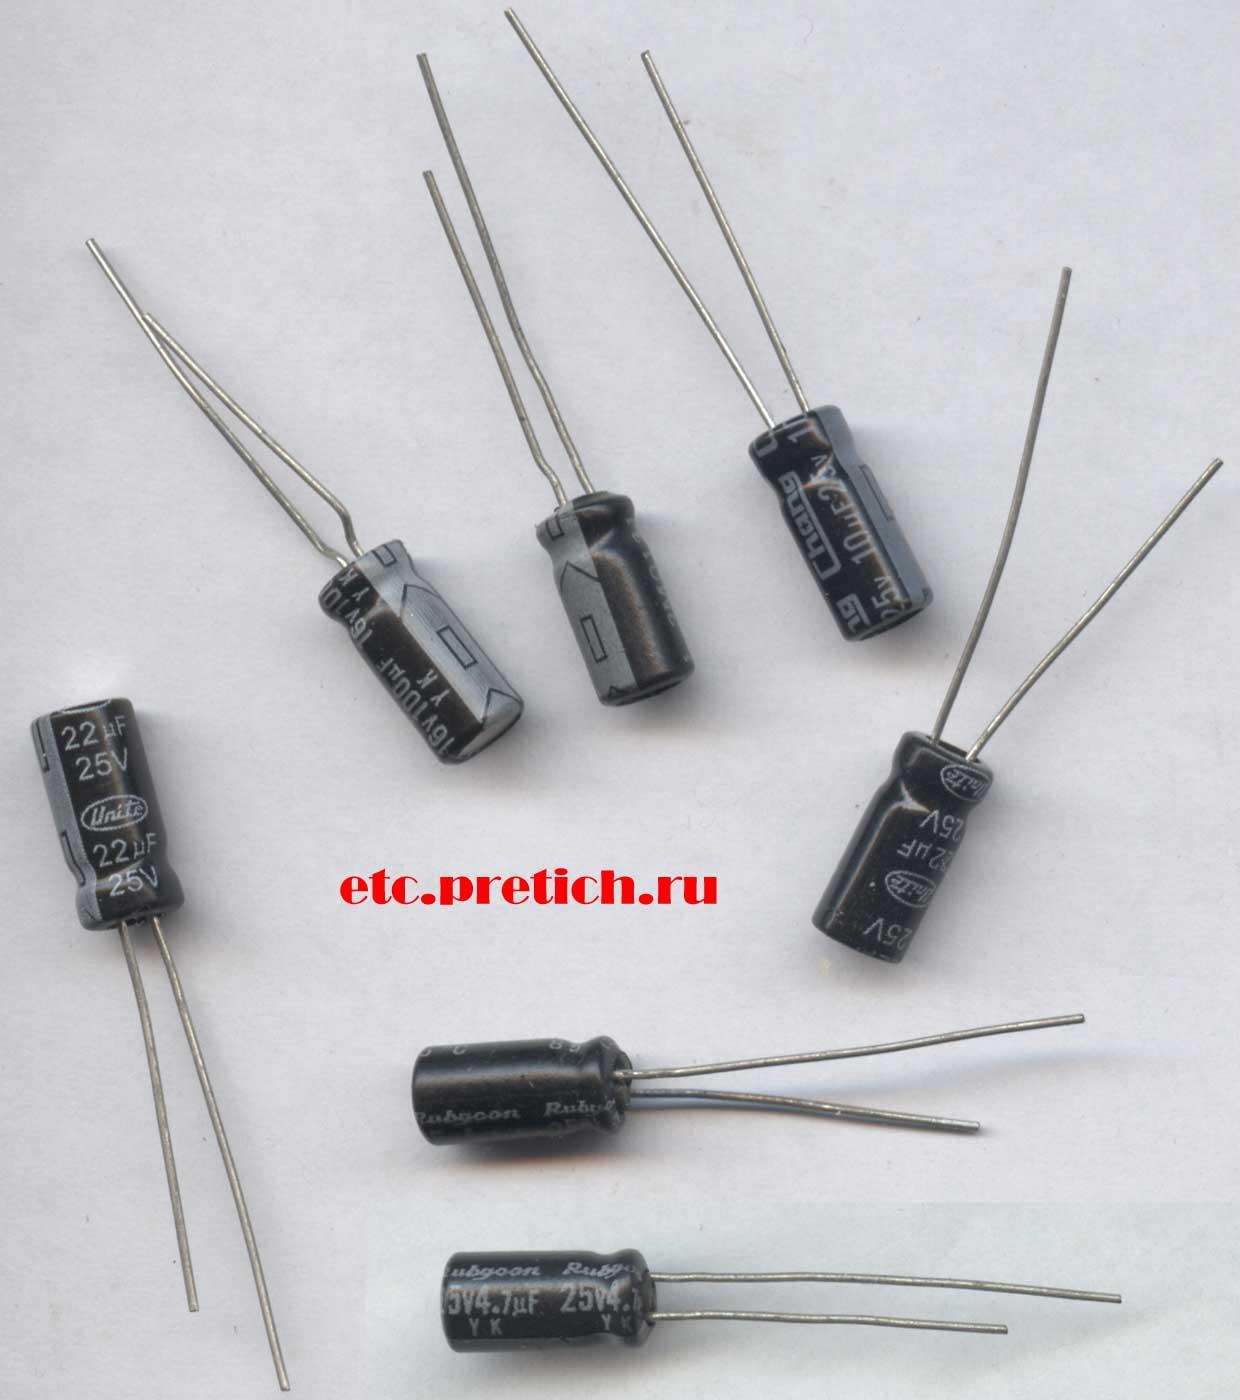 Разные мелкие электролитические конденсаторы с Алиэкспресса